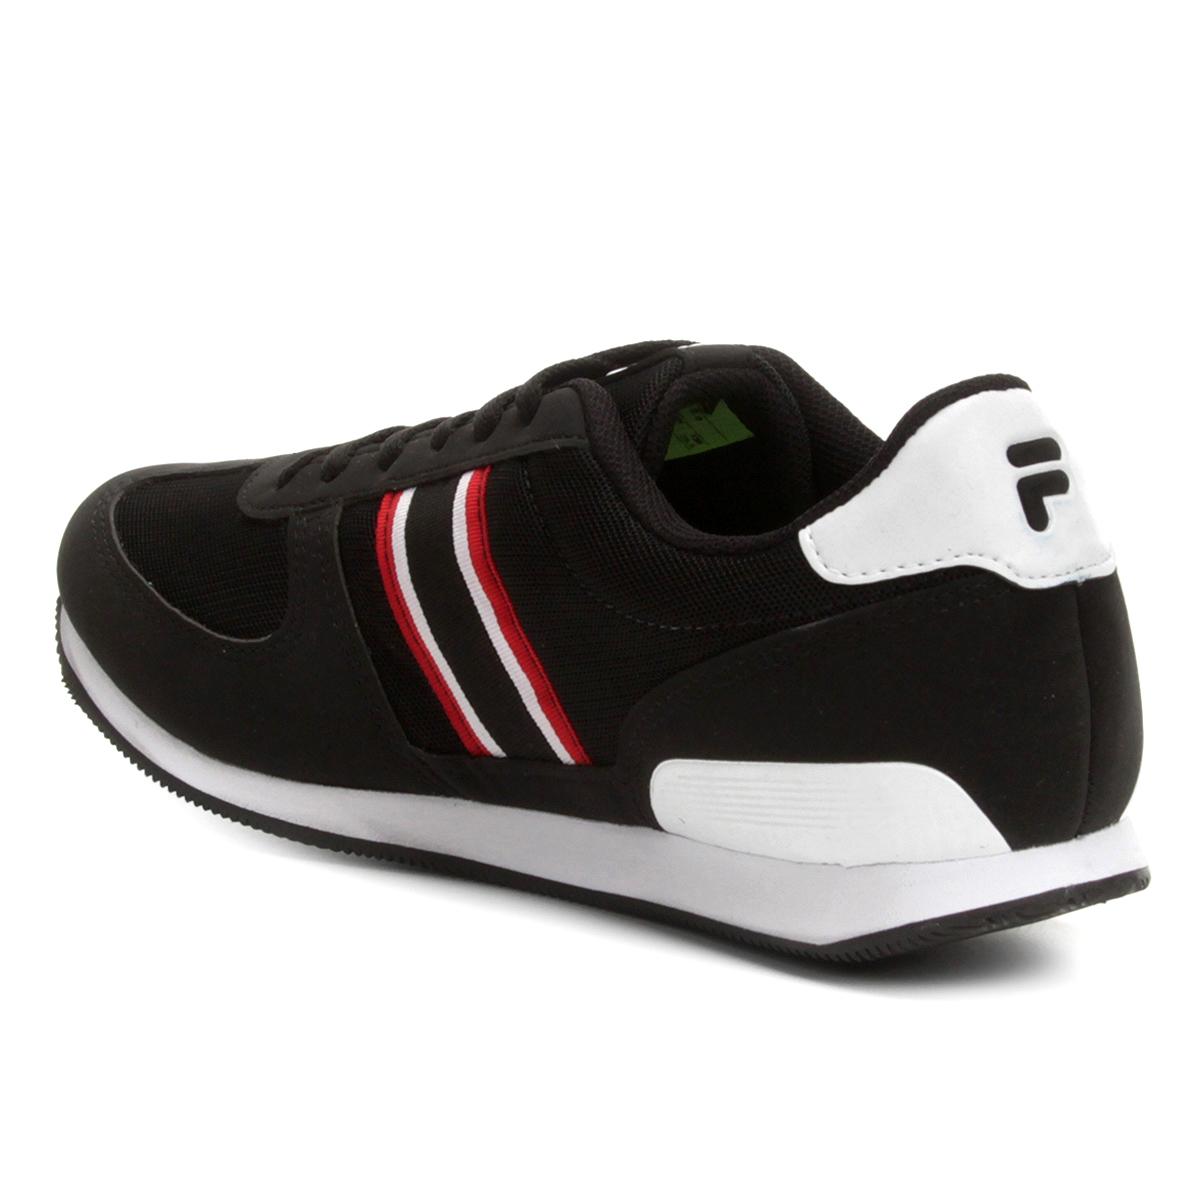 fe4e68c7d5cda Tênis Fila F-Retrô Sport SL Masculino Preto e Vermelho - Compre ...